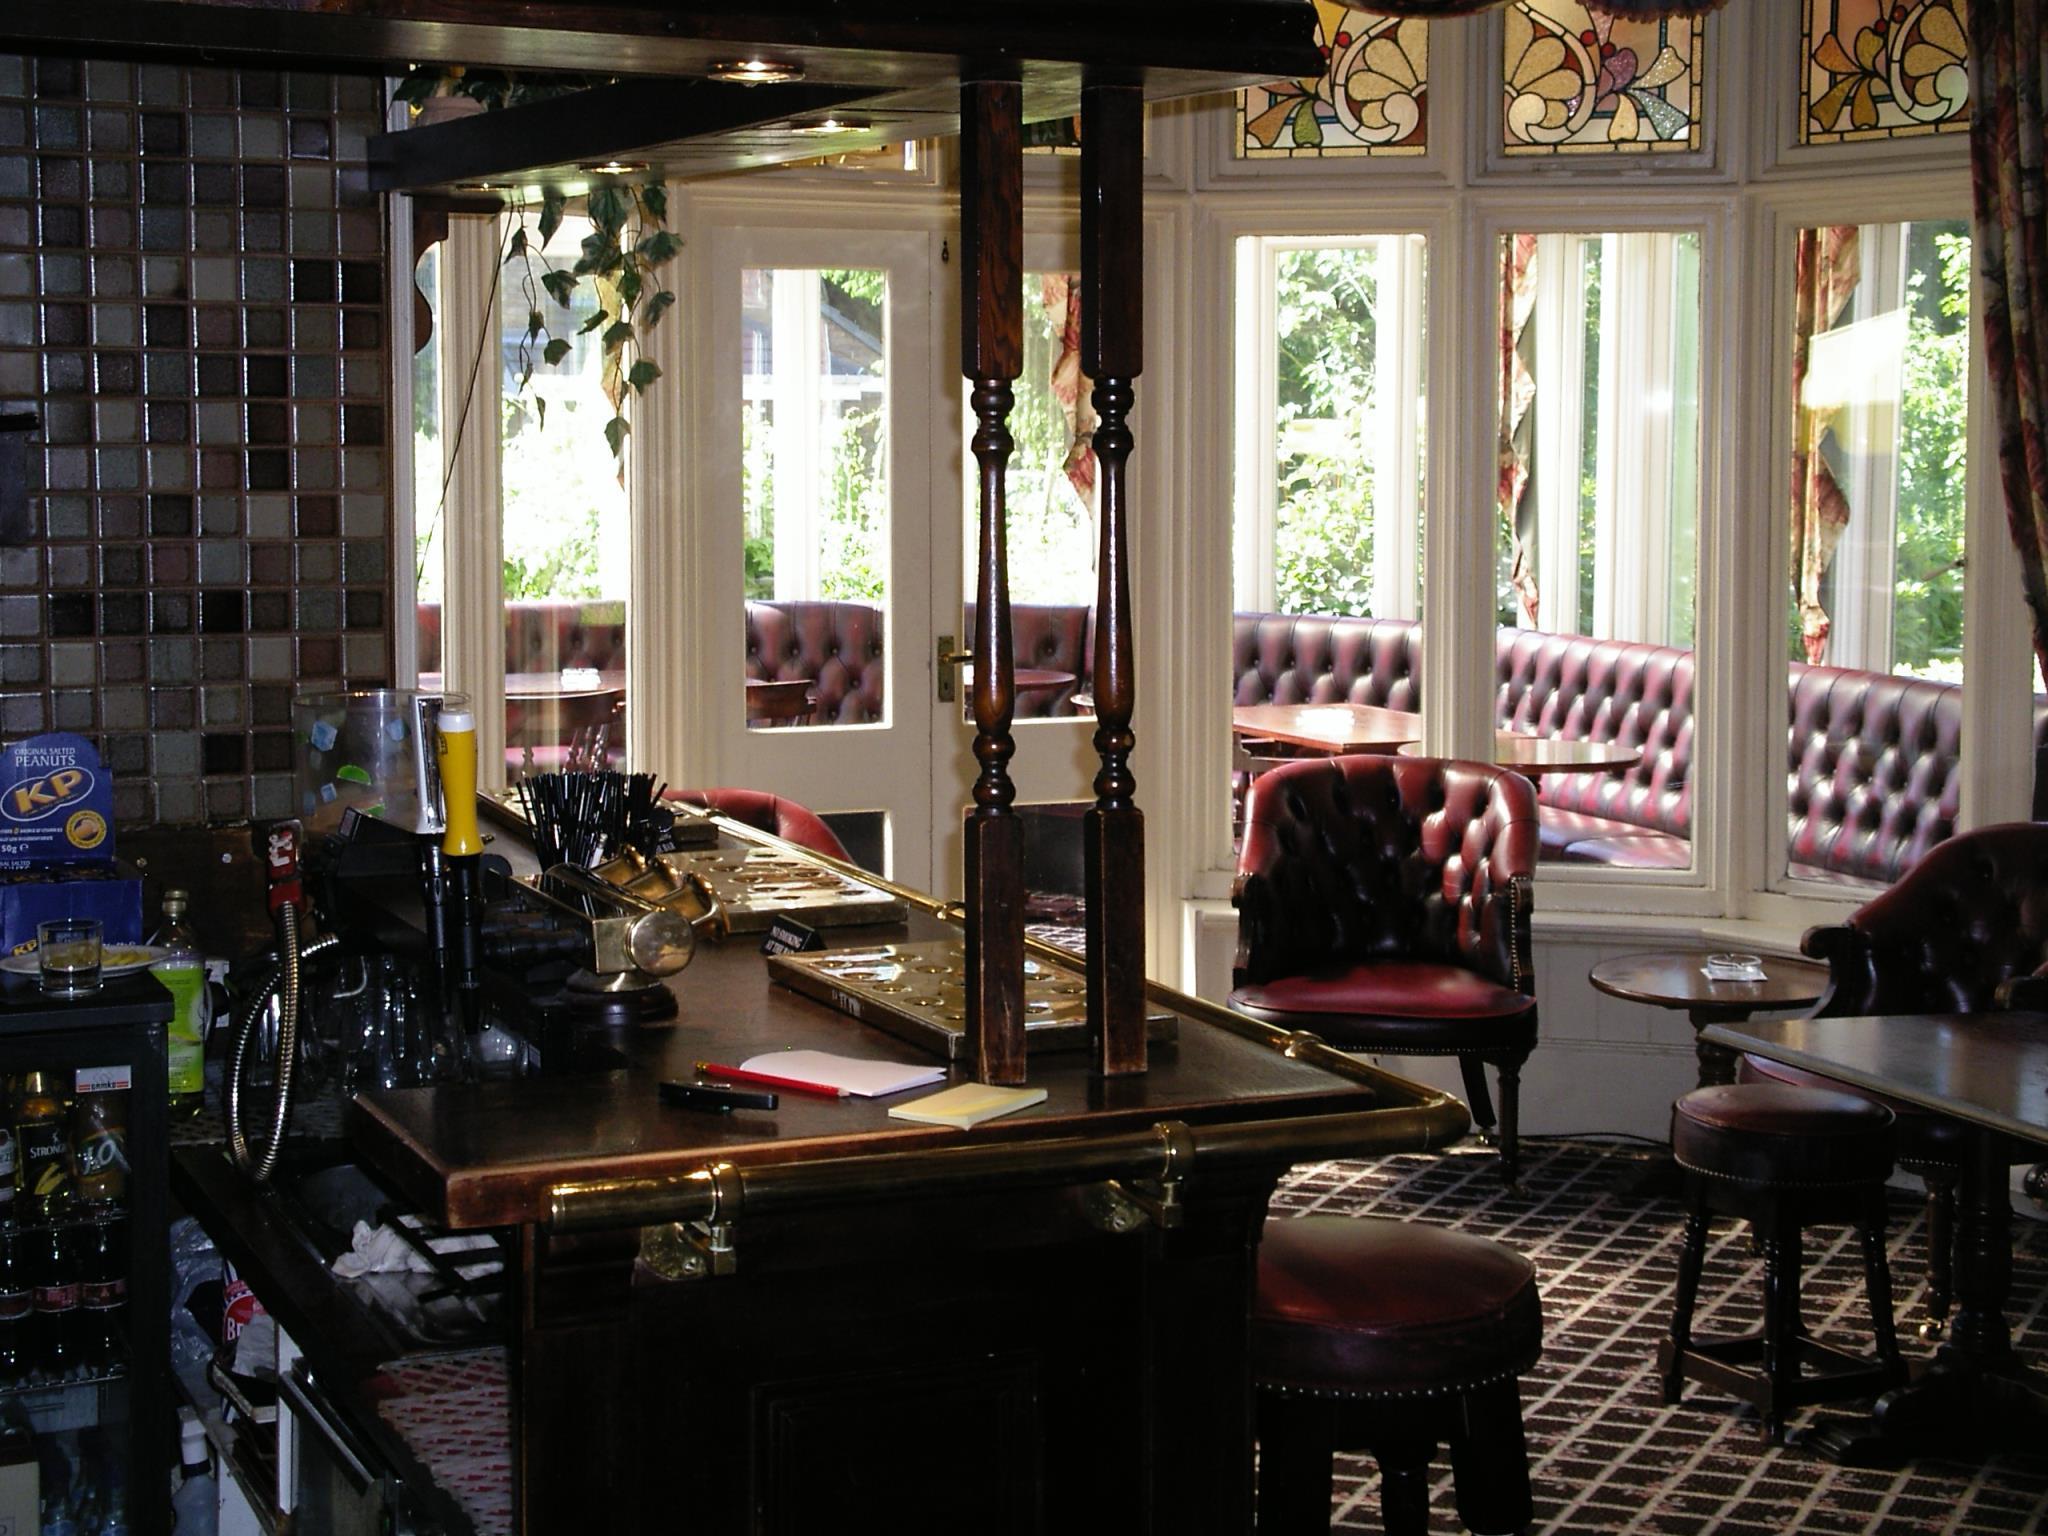 Normanhurst Hotel, Trafford